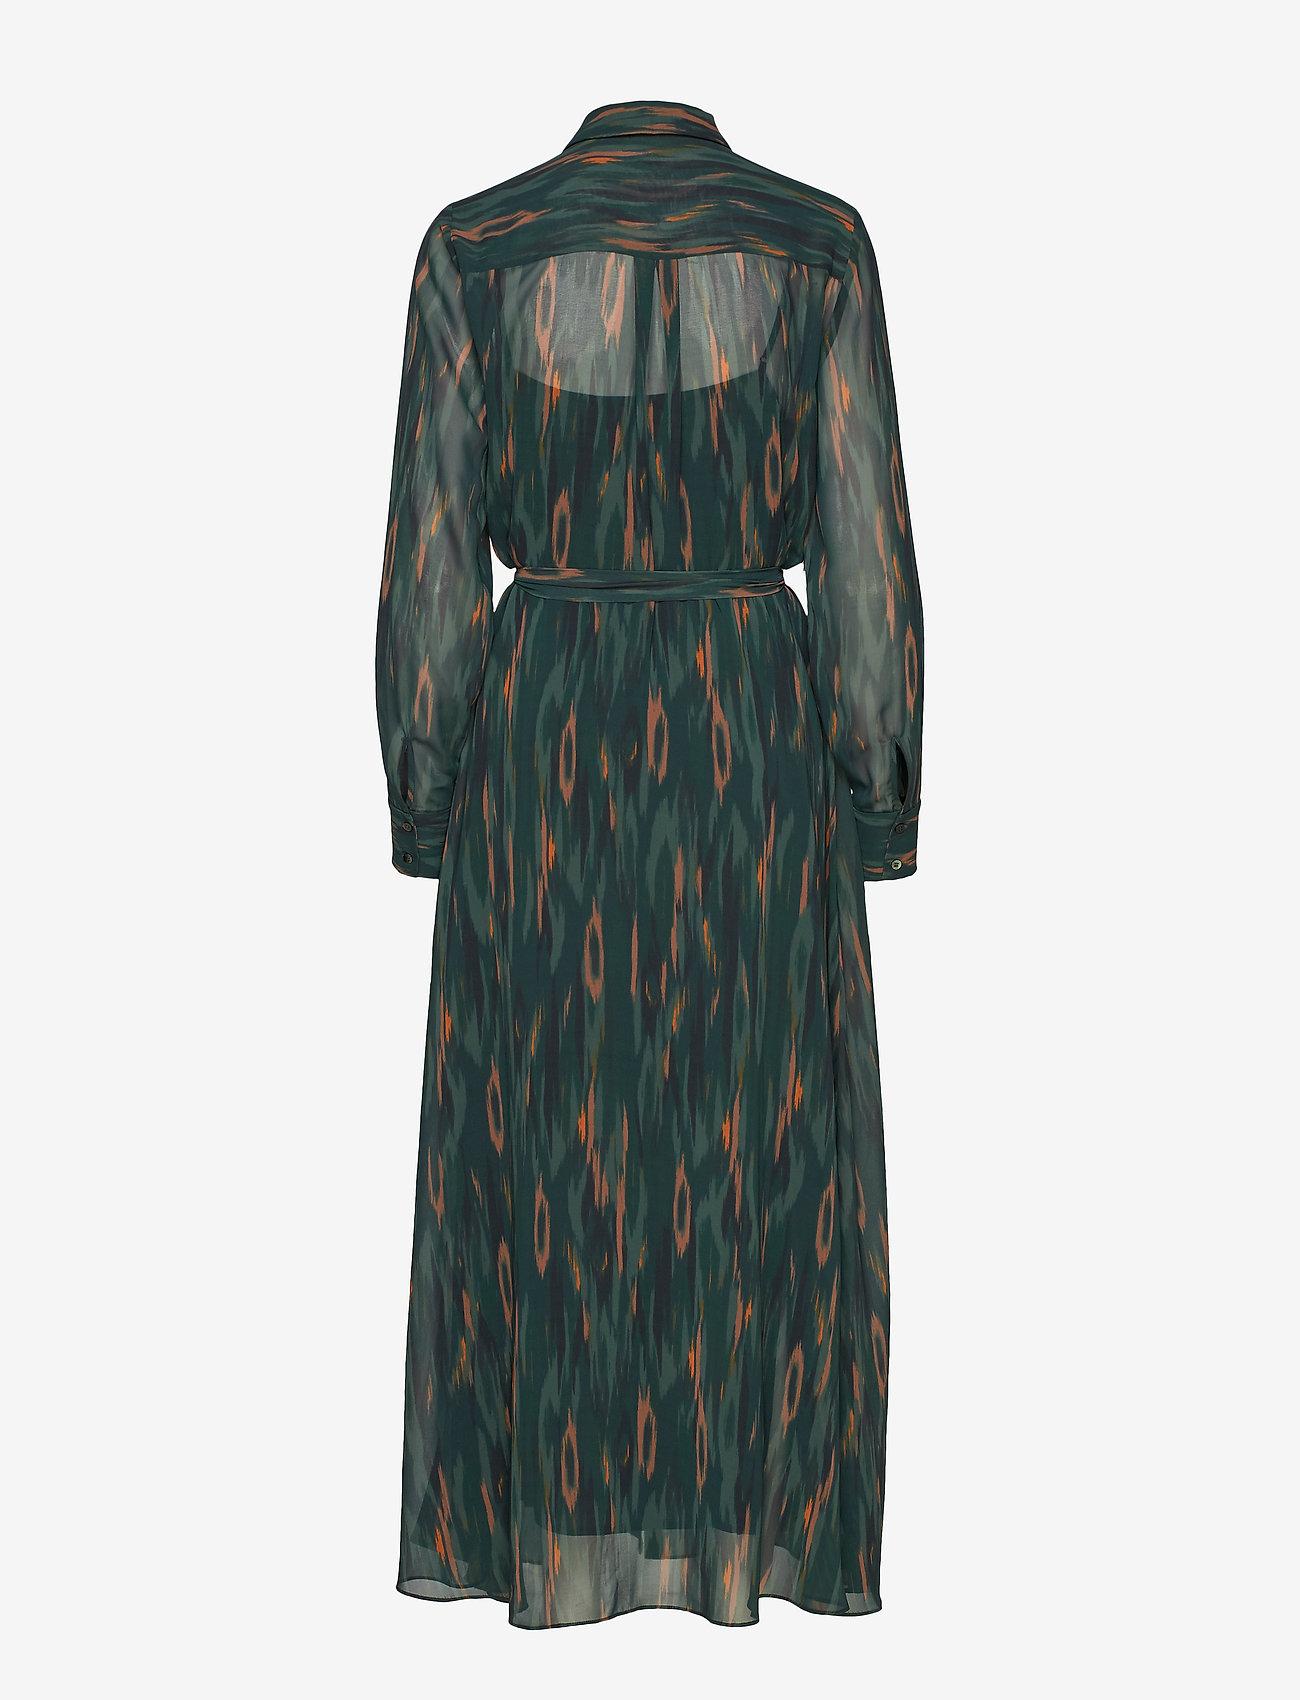 Bruuns Bazaar Camou Cora Dress - Sukienki DEEP FOREST - CAMOU ARTWORK - Kobiety Odzież.